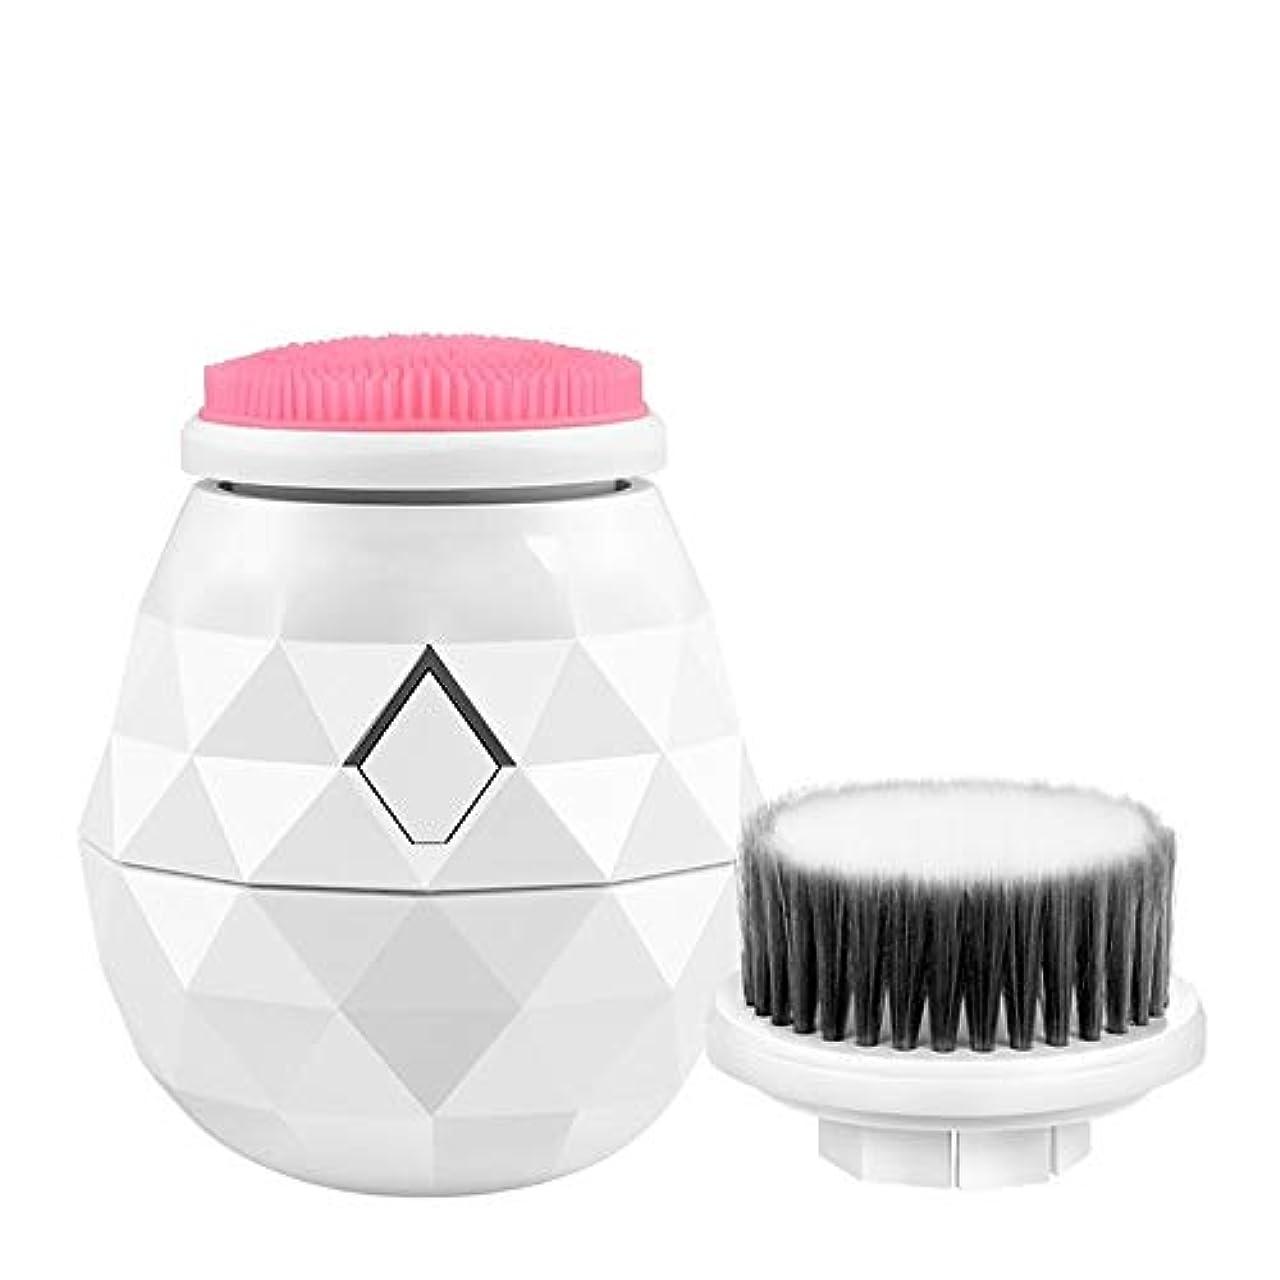 対話有効回答シリコン洗顔ブラシエレクトリック顔ブラシ顔面シリコーンにきびスクラバーアンチエイジングスキンケア防水エッセンスインポート機能 (Color : 白)